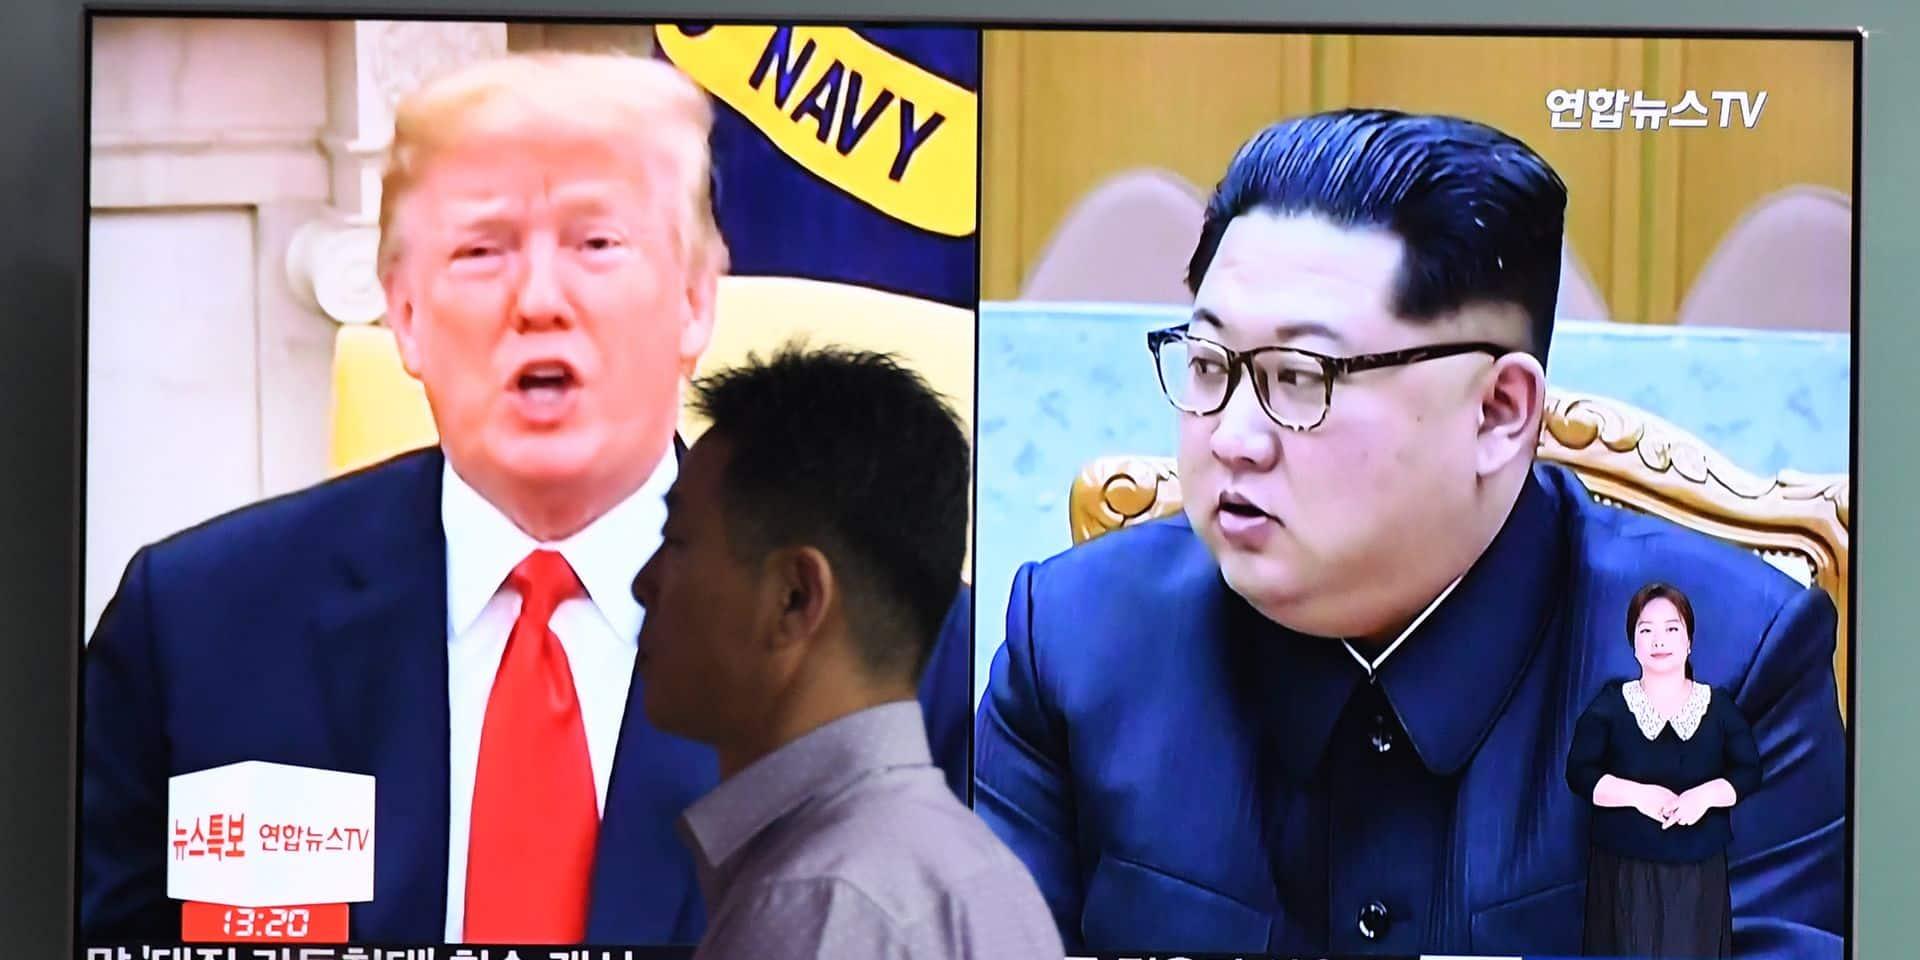 Bombes atomiques et normalisation, les enjeux du sommet Kim-Trump